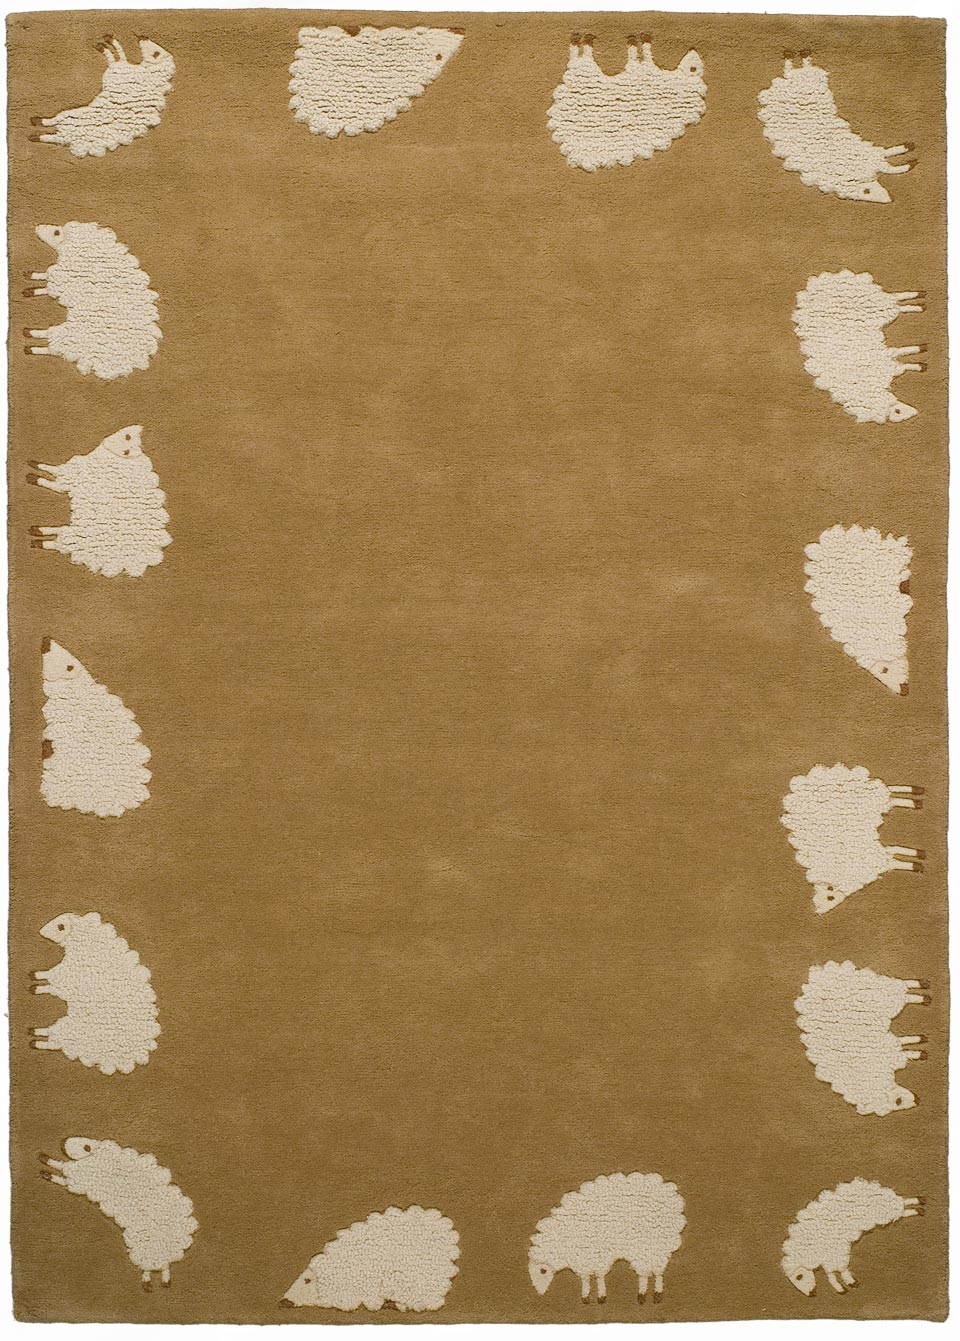 Tapis sable tuft main 100 laine toulemonde bochart tapis design et contemporains r f - Tapijt toulemonde bochar t balances ...